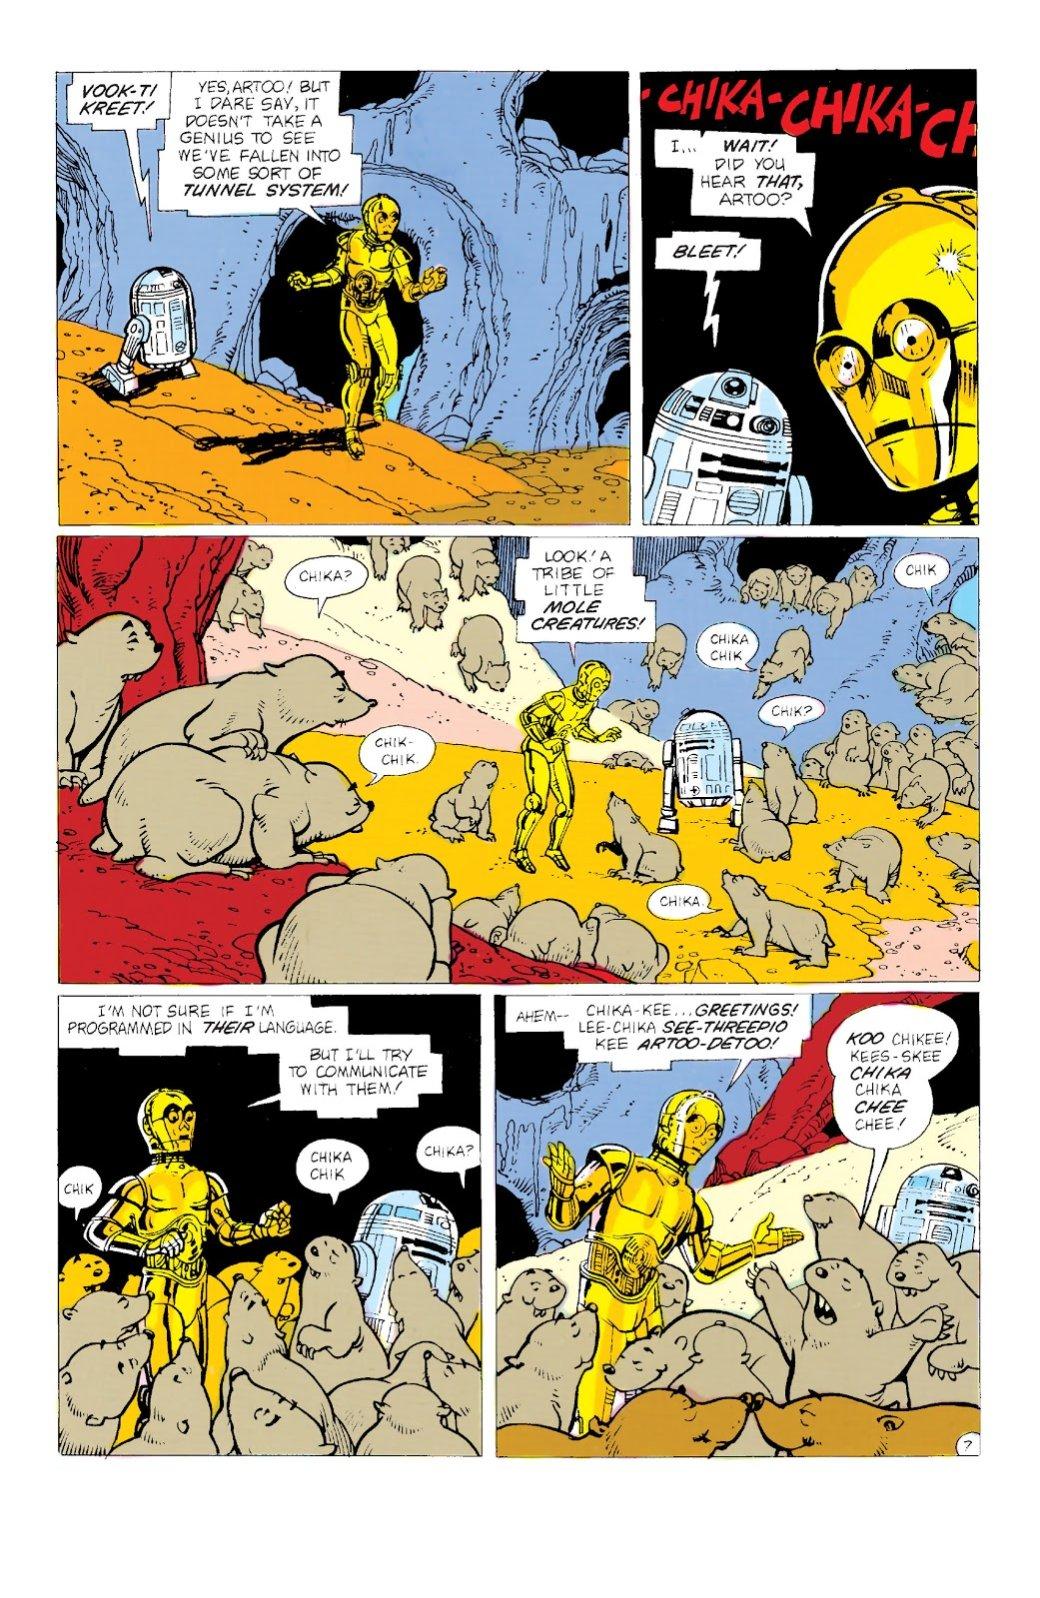 Самые странные инеобычные комиксы по«Звездным войнам»: отстимпанка доСредневековья. - Изображение 6